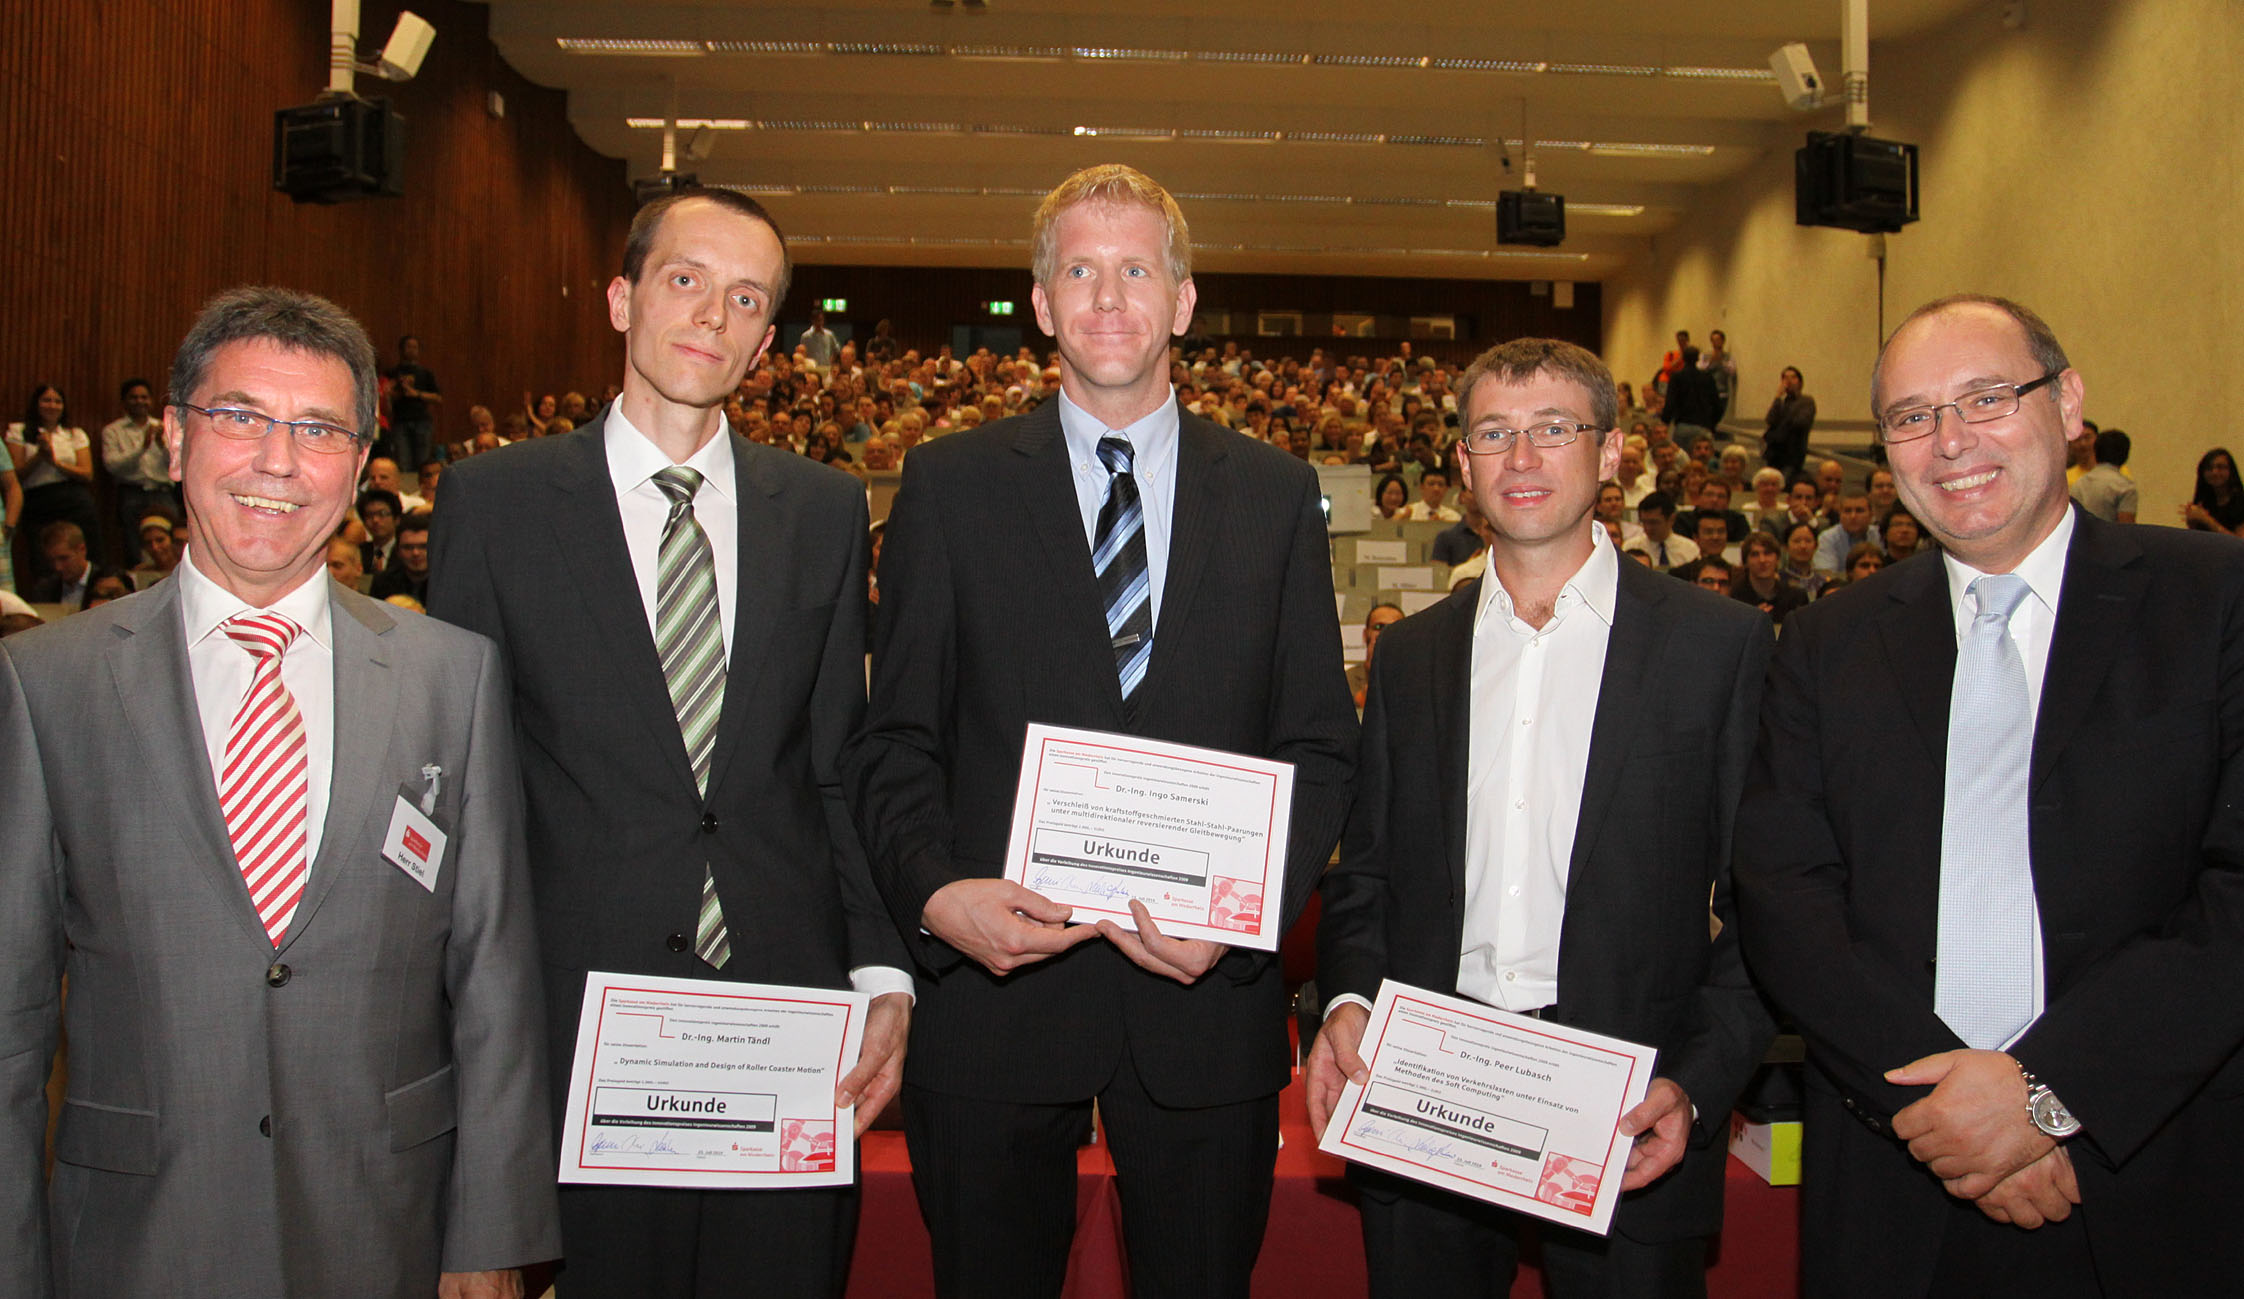 (V.l.n.r.): Sparkassendirektor Franz-Josef Stiel, Dr. Martin Tändl, Dr. Ingo Samerski, Dr. Peer Lubasch und Dekan Prof. Dr. Dieter Schramm. Foto: Sparkasse am Niederrhein